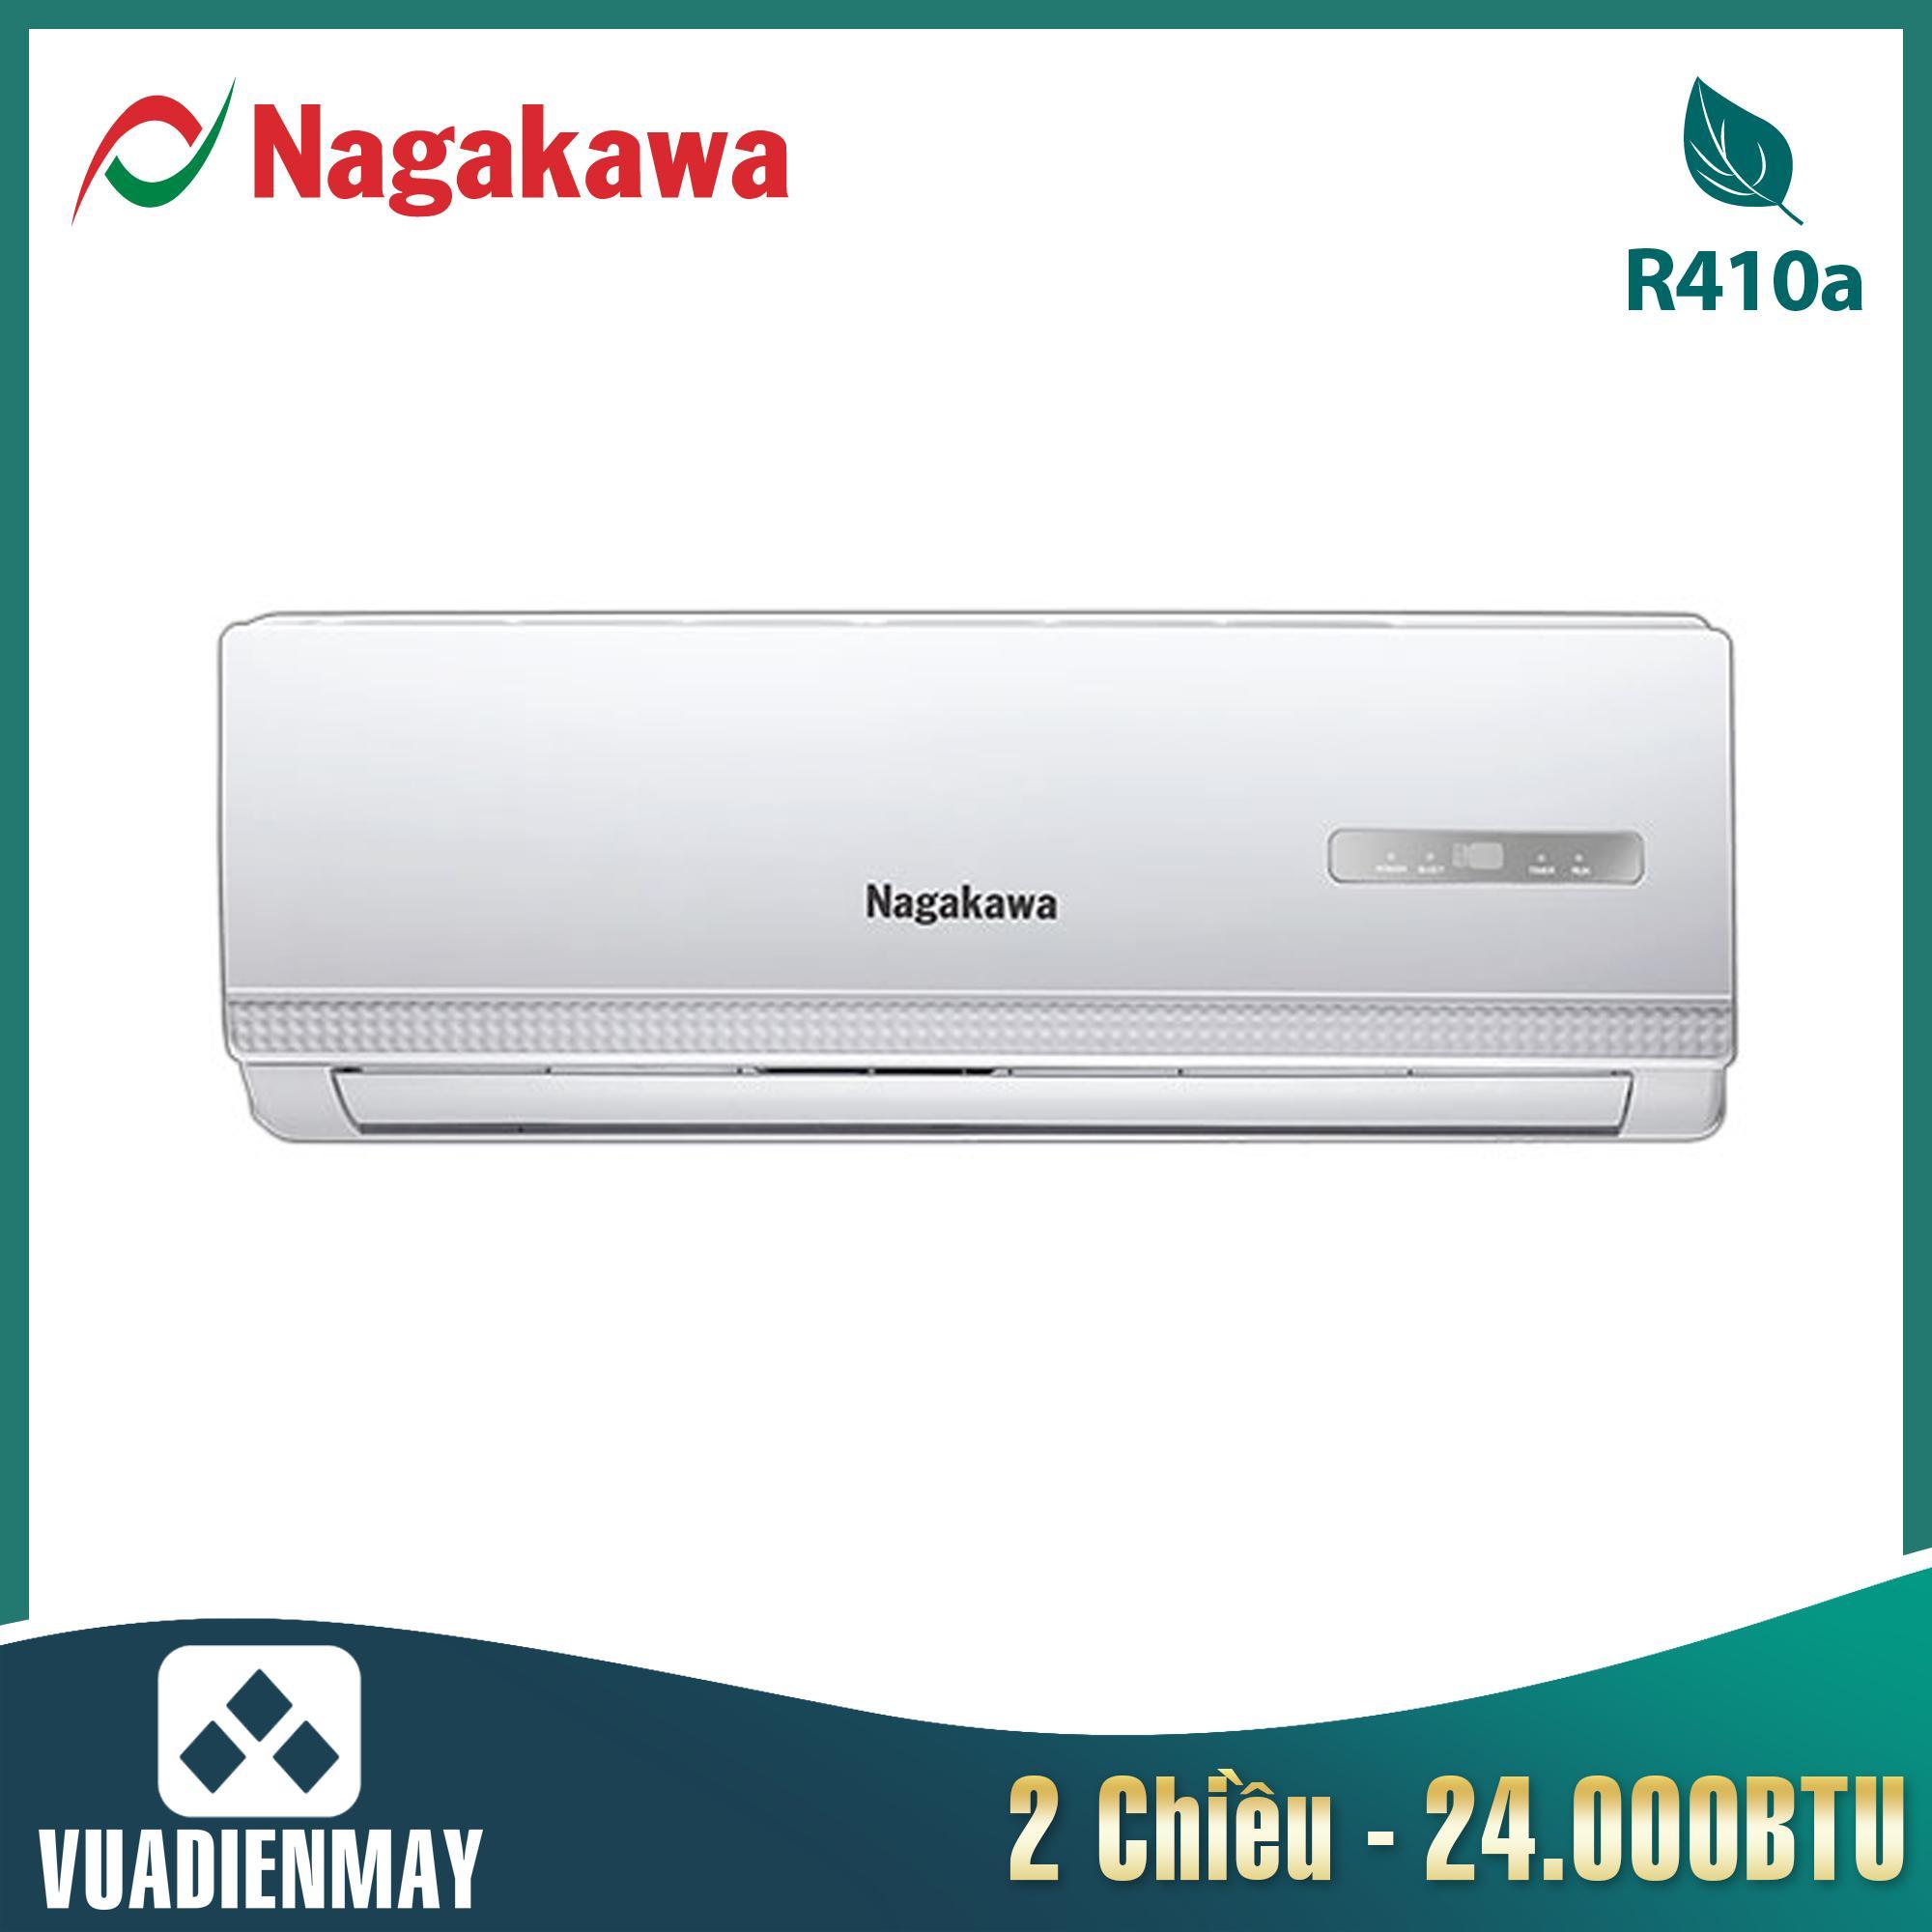 NS-A24R1M05, Điều hòa Nagakawa 24000BTU 2 chiều